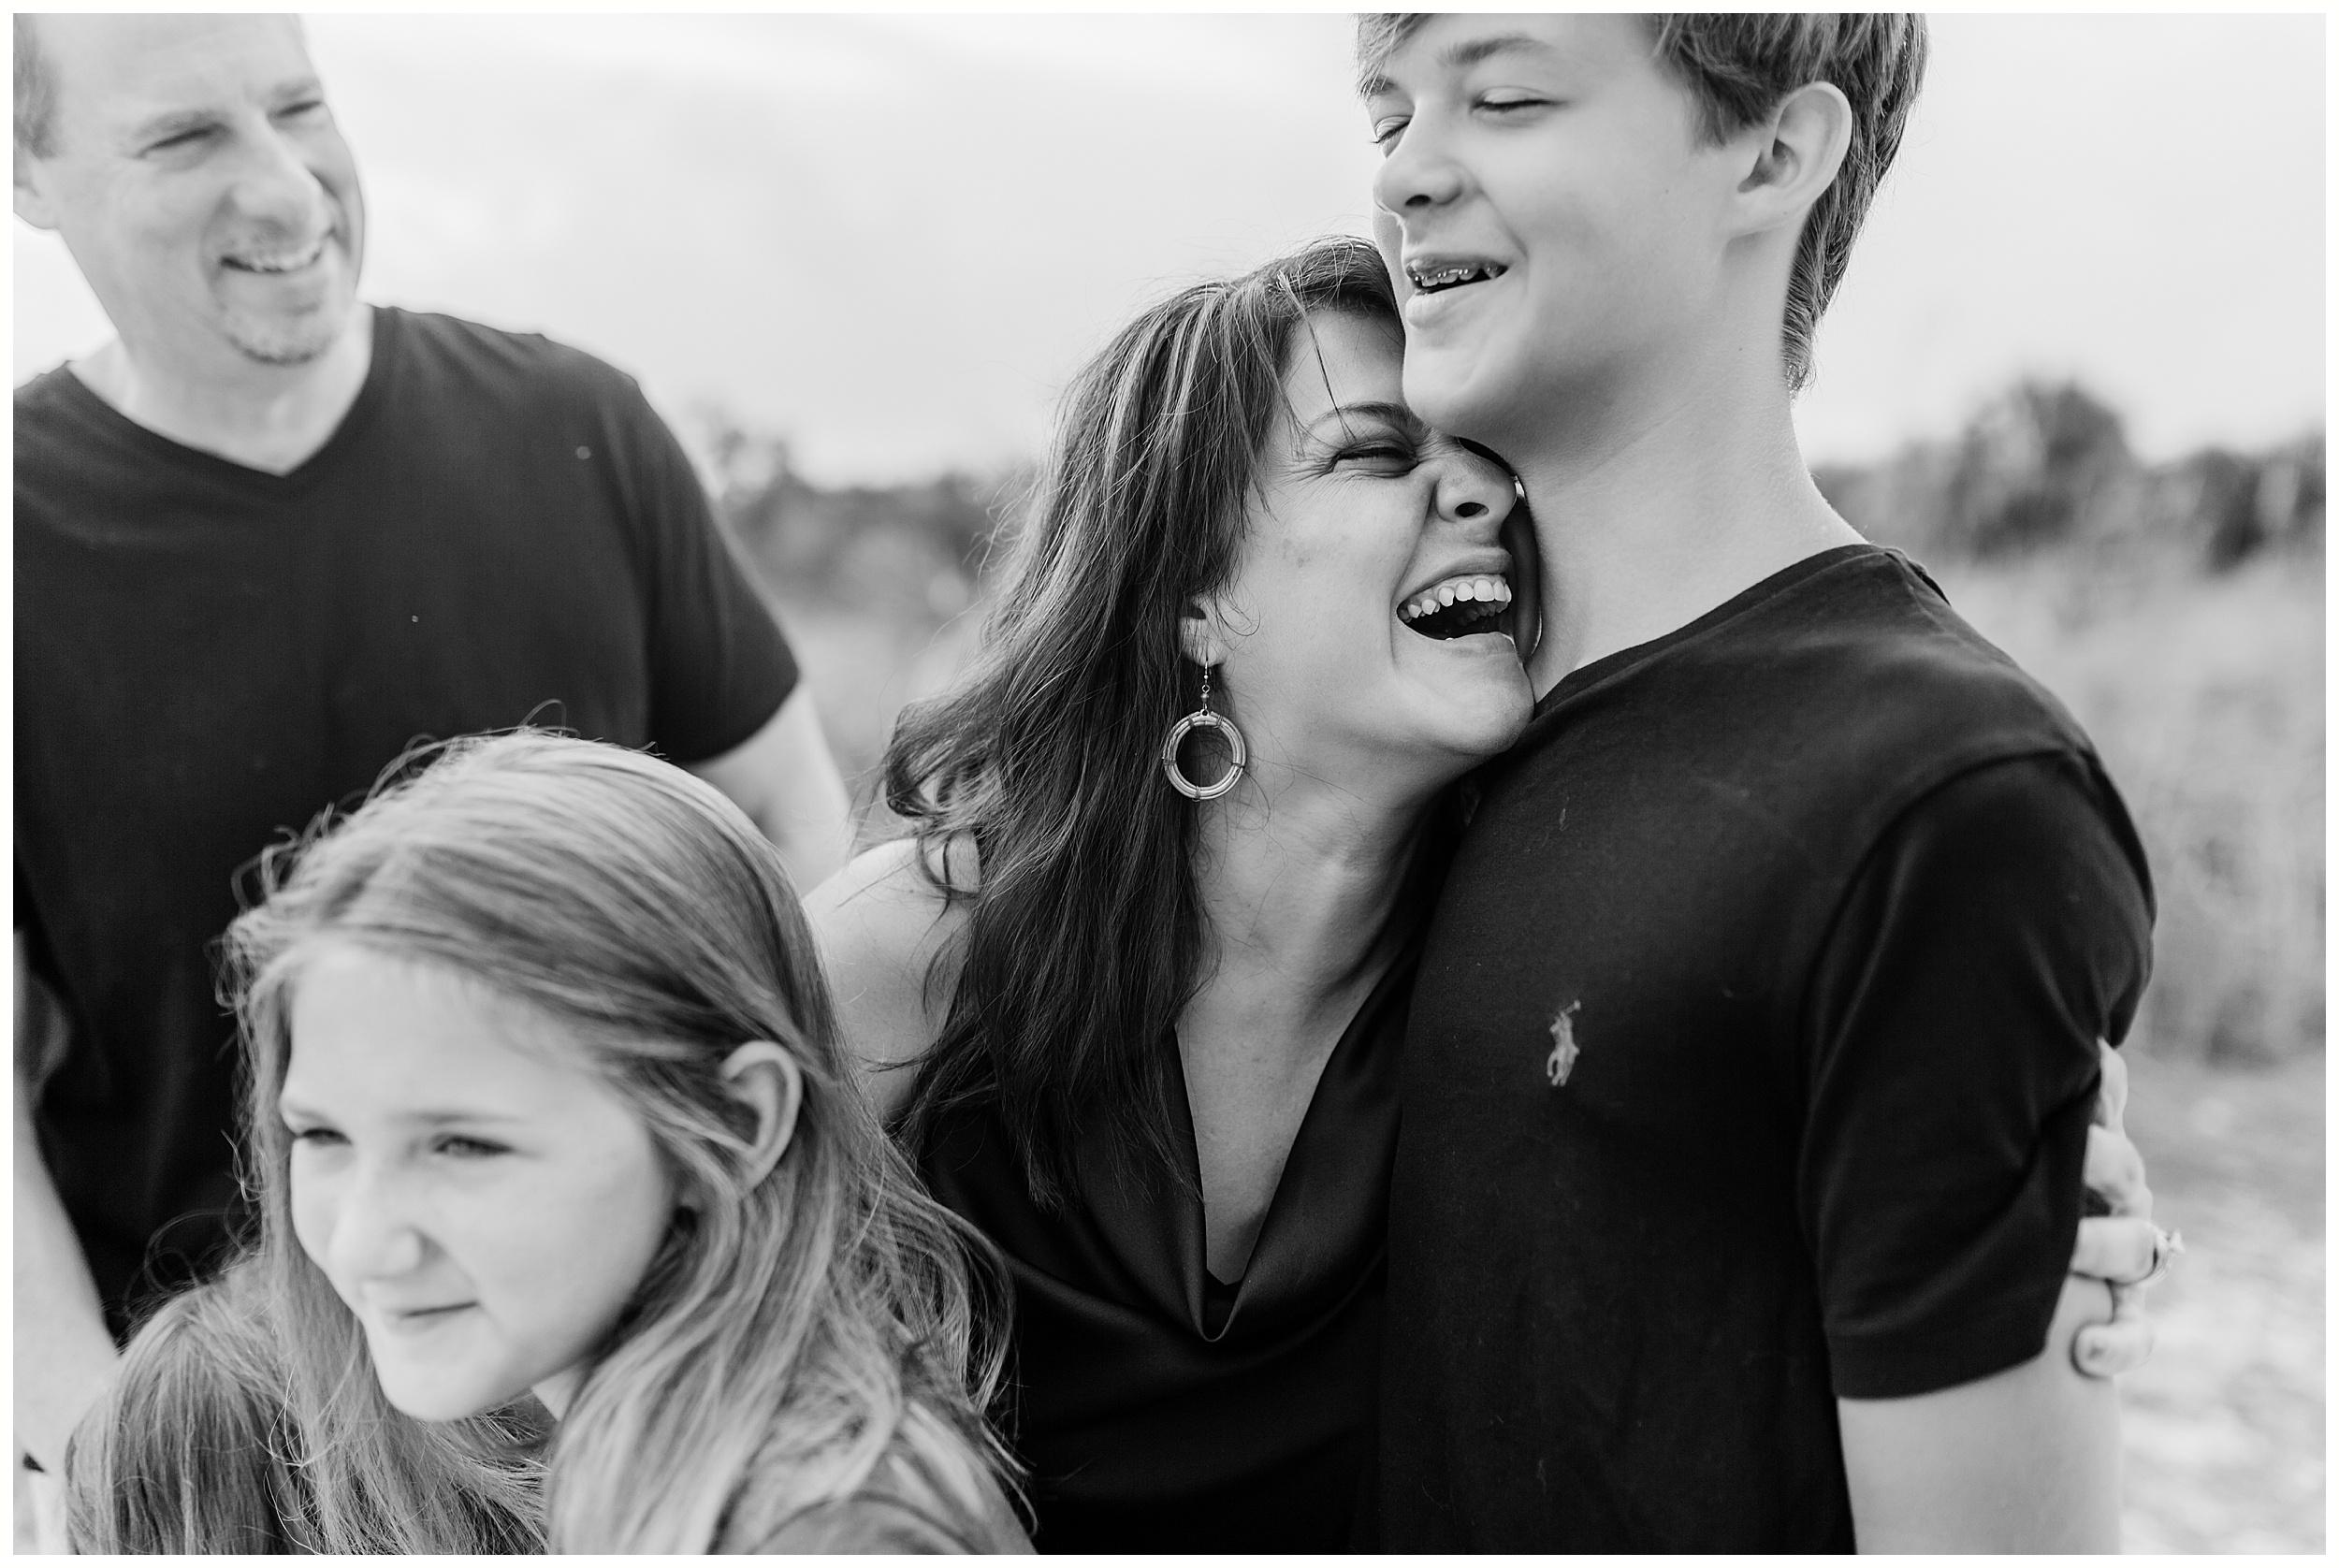 lexington-ky-family-lifestyle-photographer-priscilla-baierlein_1703.jpg